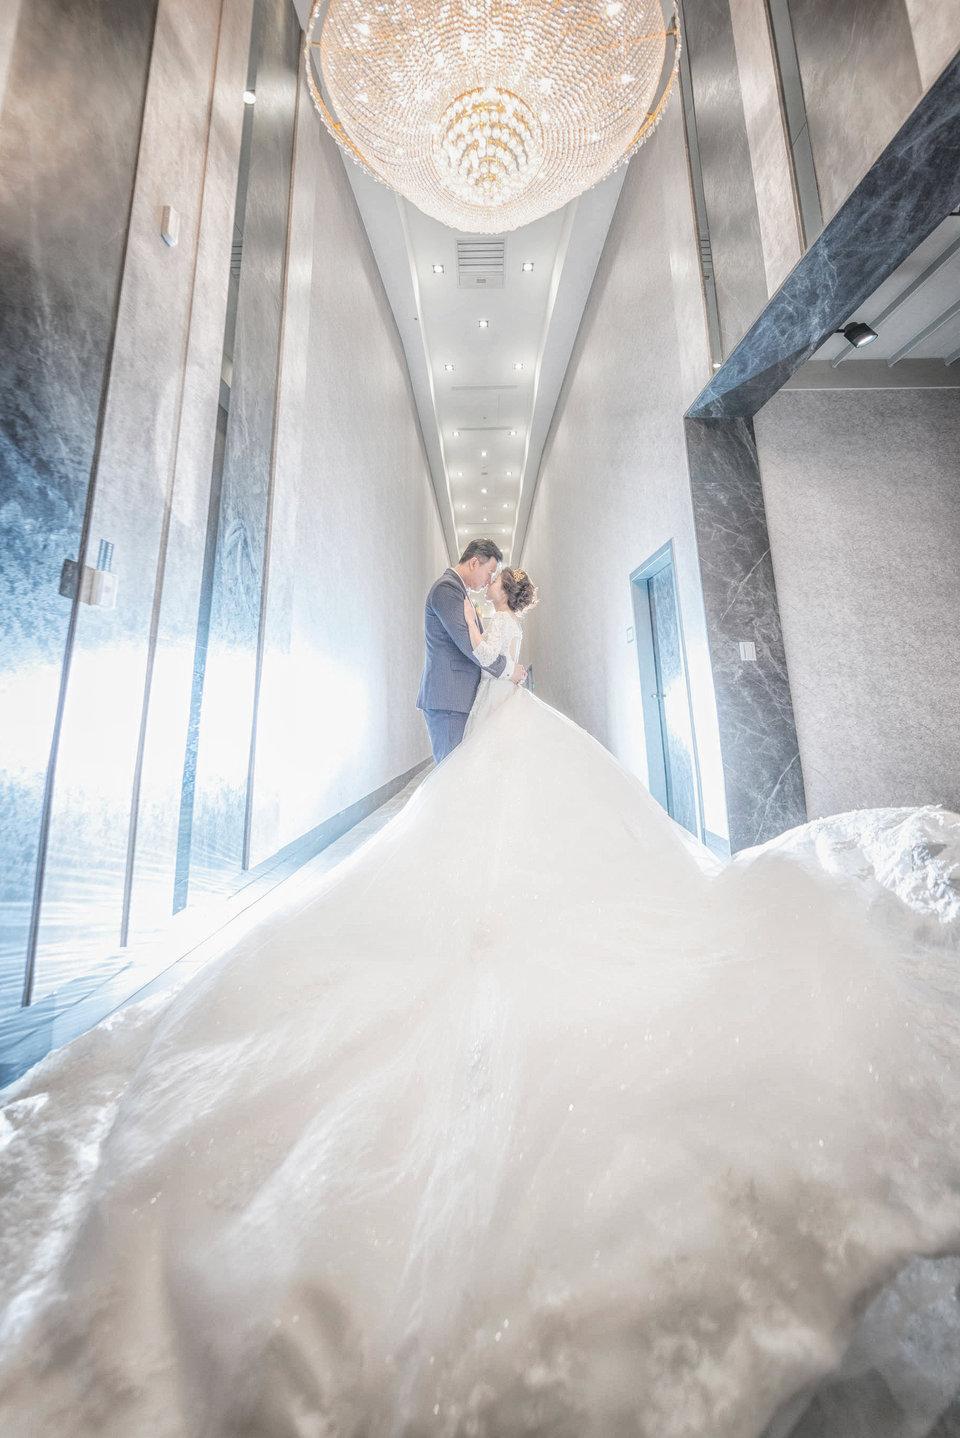 光點攝影Studio,有他在絕對放心的專業婚攝  阿賢